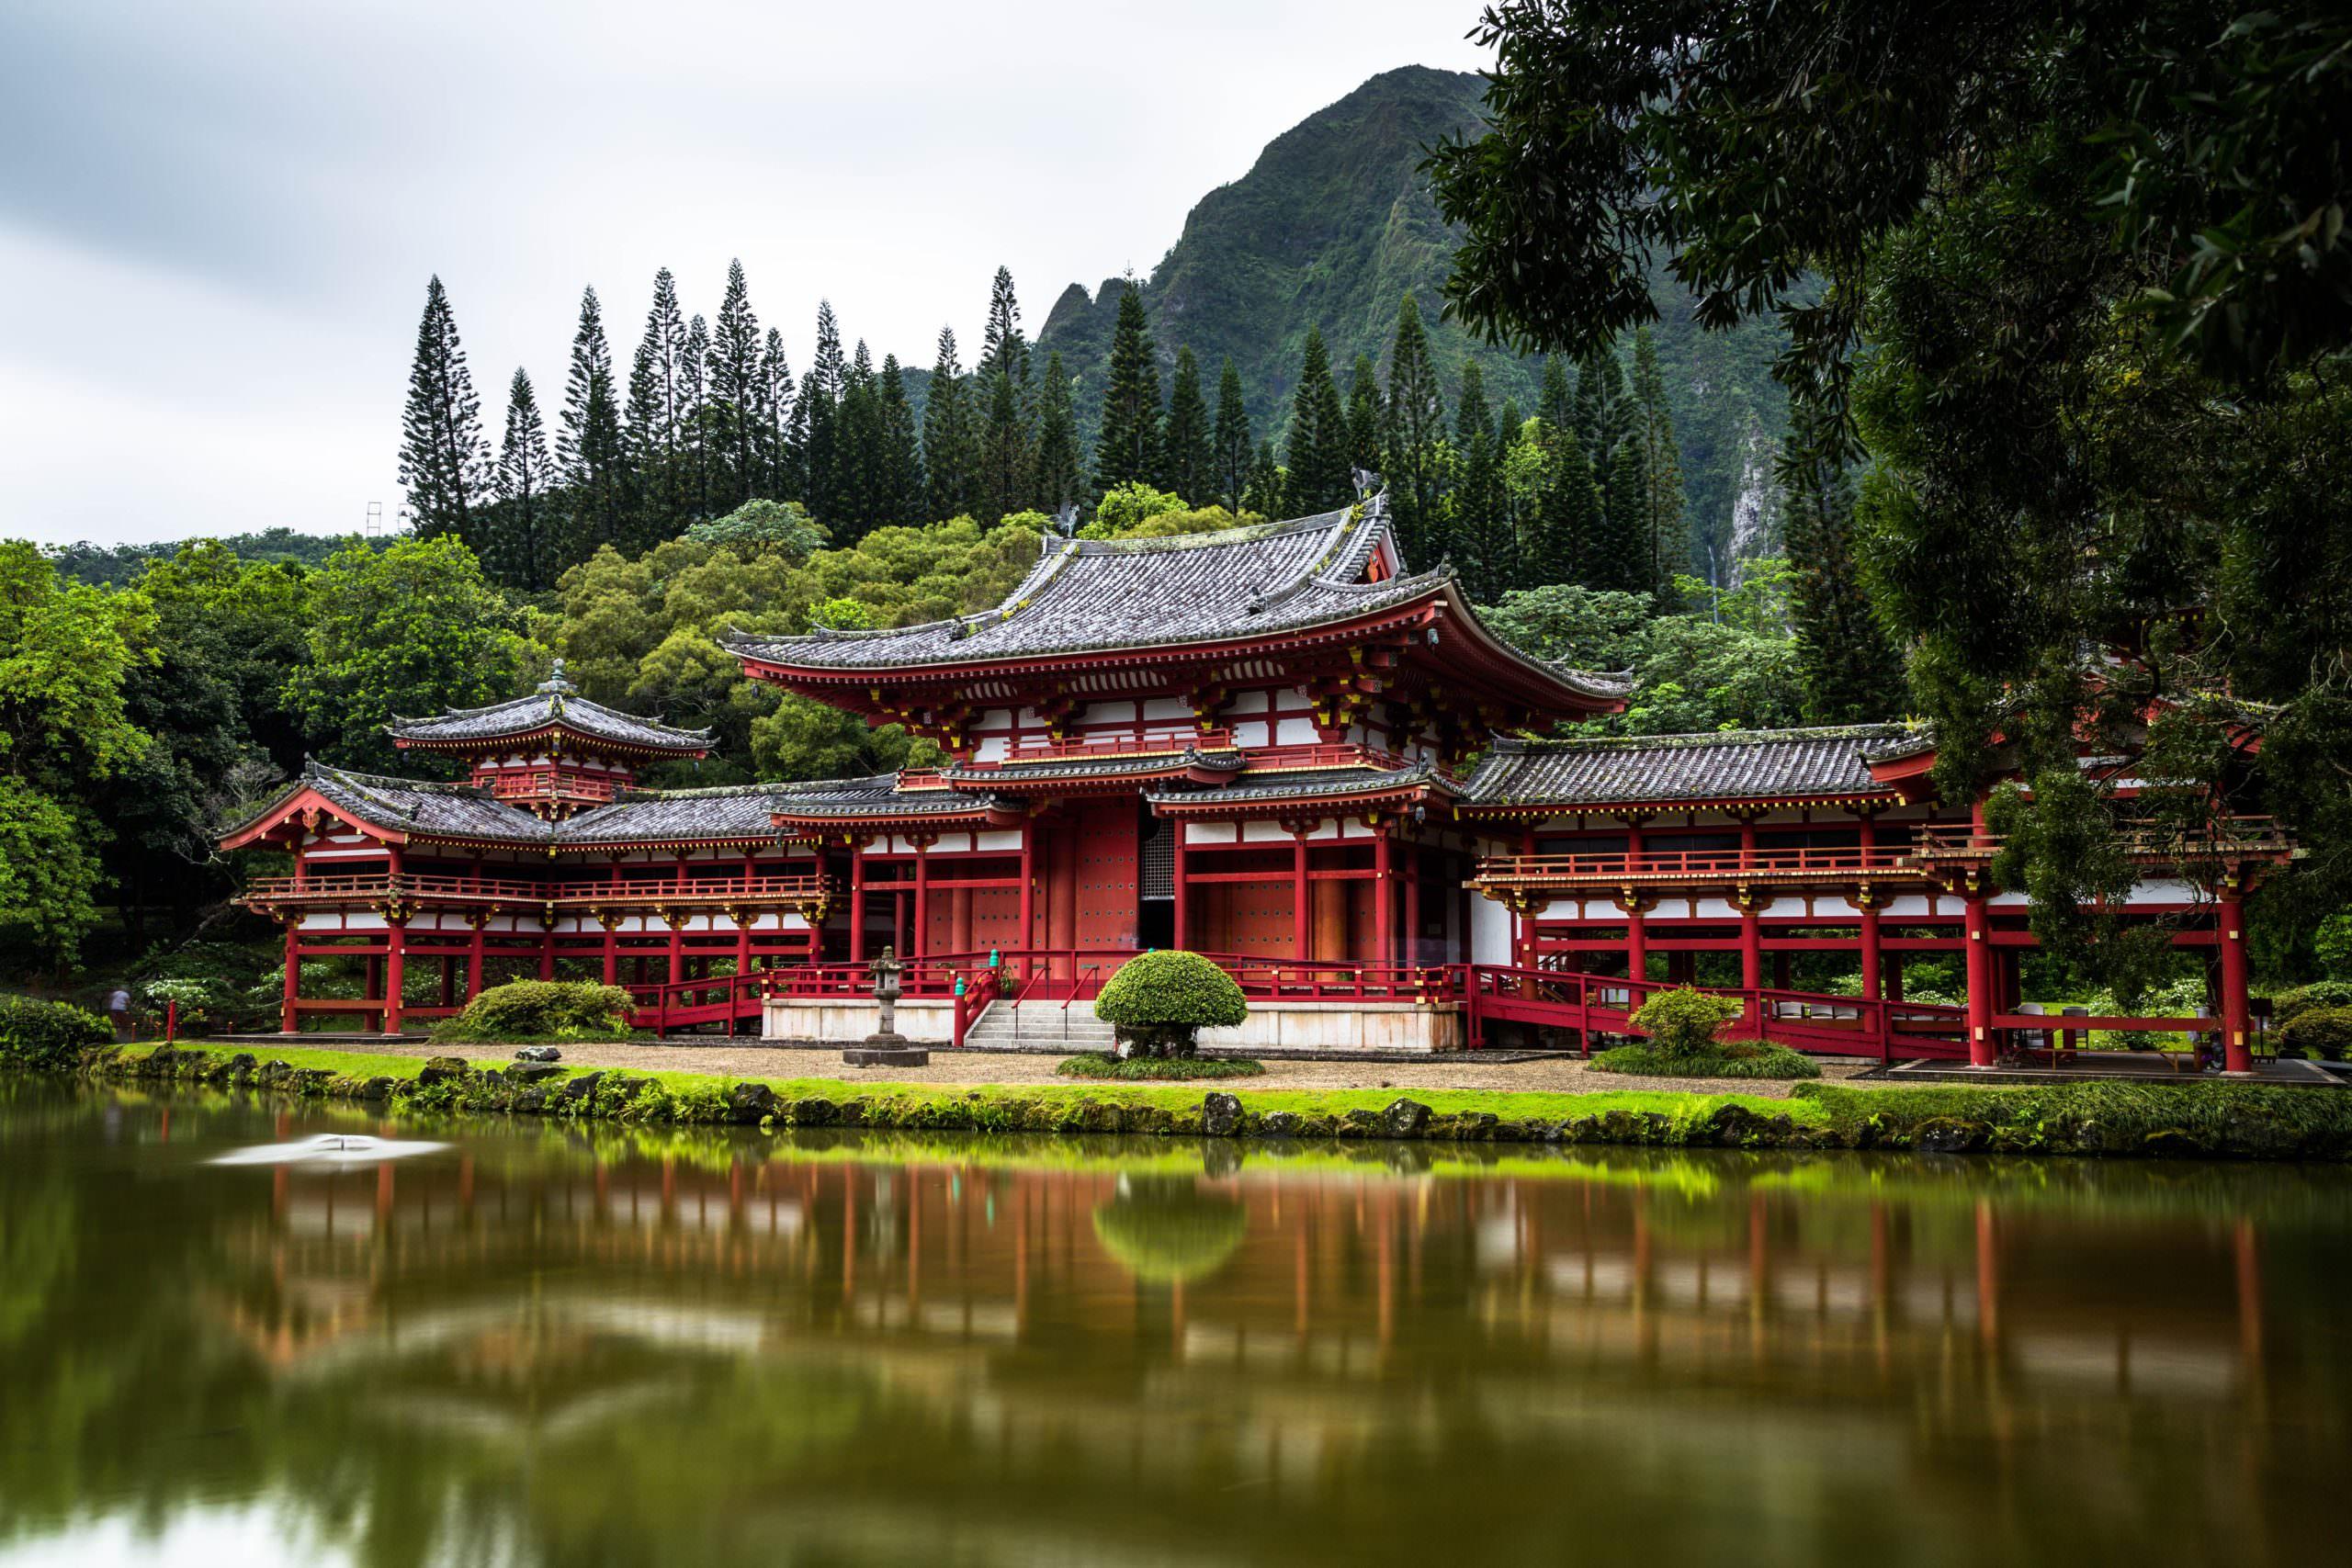 أجمل المناطق التي يمكنك زيارتها في الصين